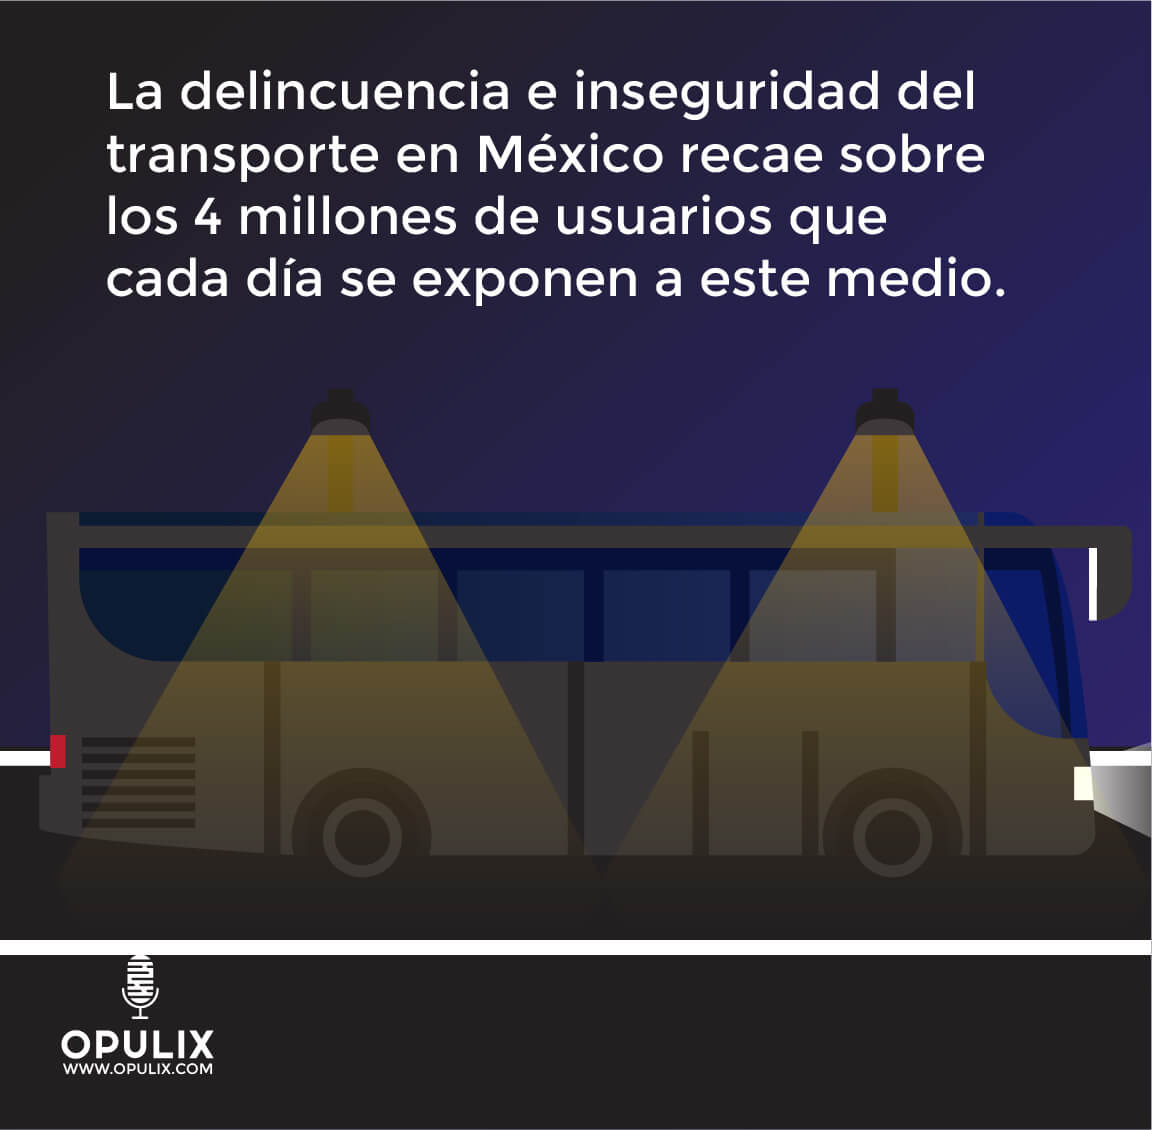 La rutas del terror en México